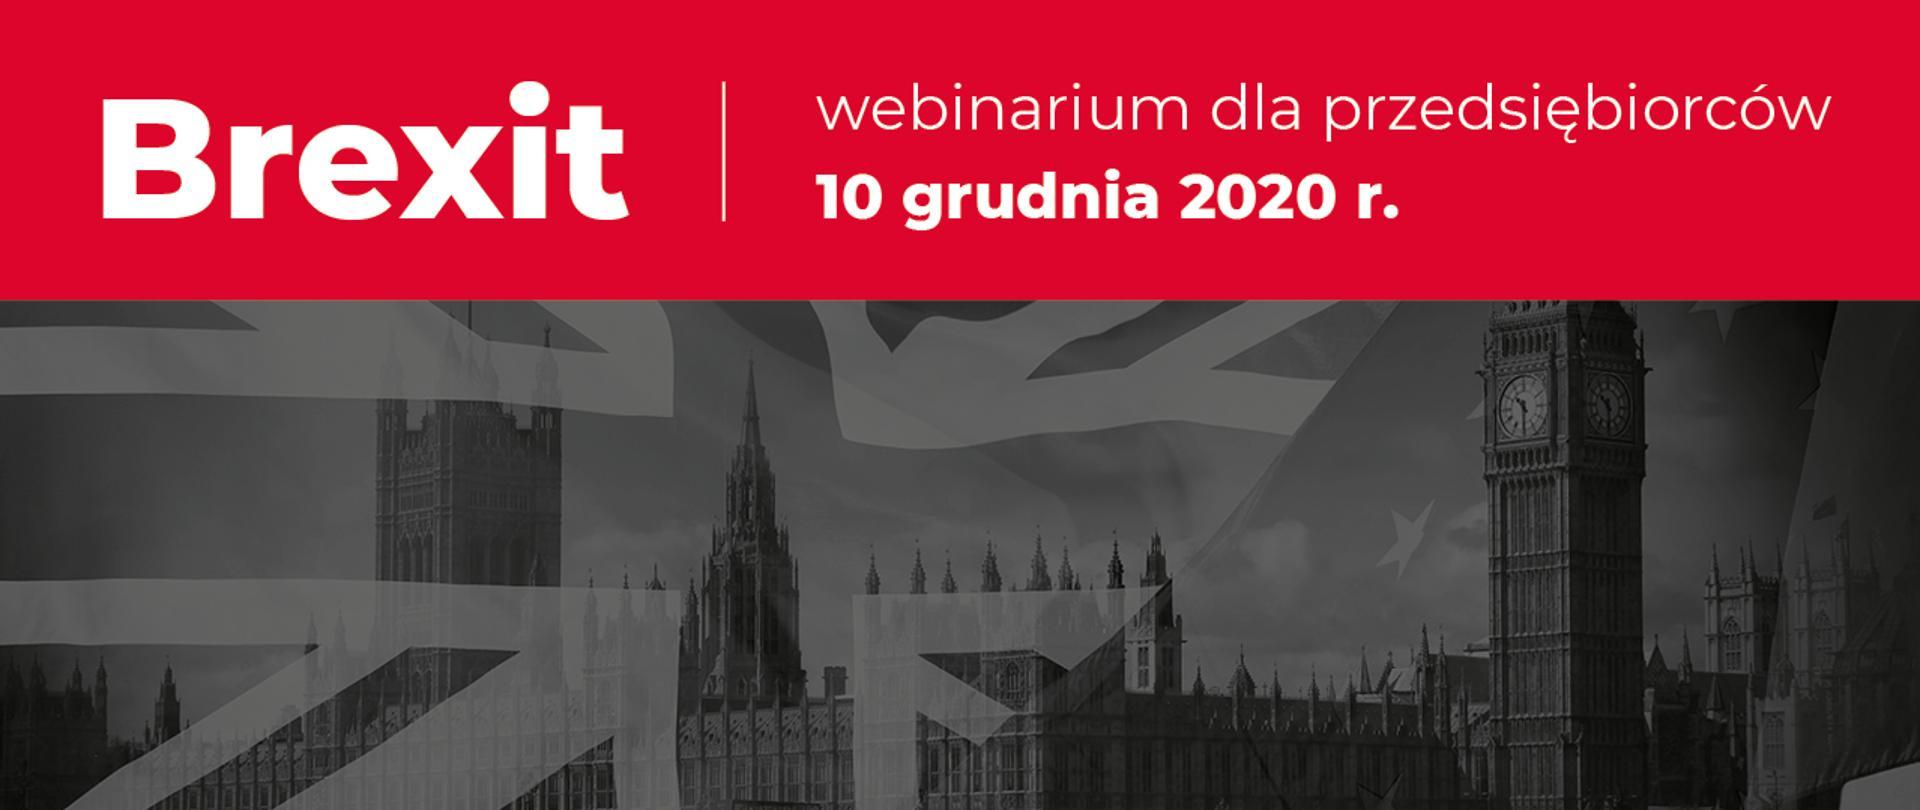 Fragment panoramy Londynu, półprzezroczyste flagi Wielkiej Brytanii i Unii Europejskiej. Napis na czerwonym tle: Brexit – webinarium dla przedsiębiorców 10 grudnia 2020 r.